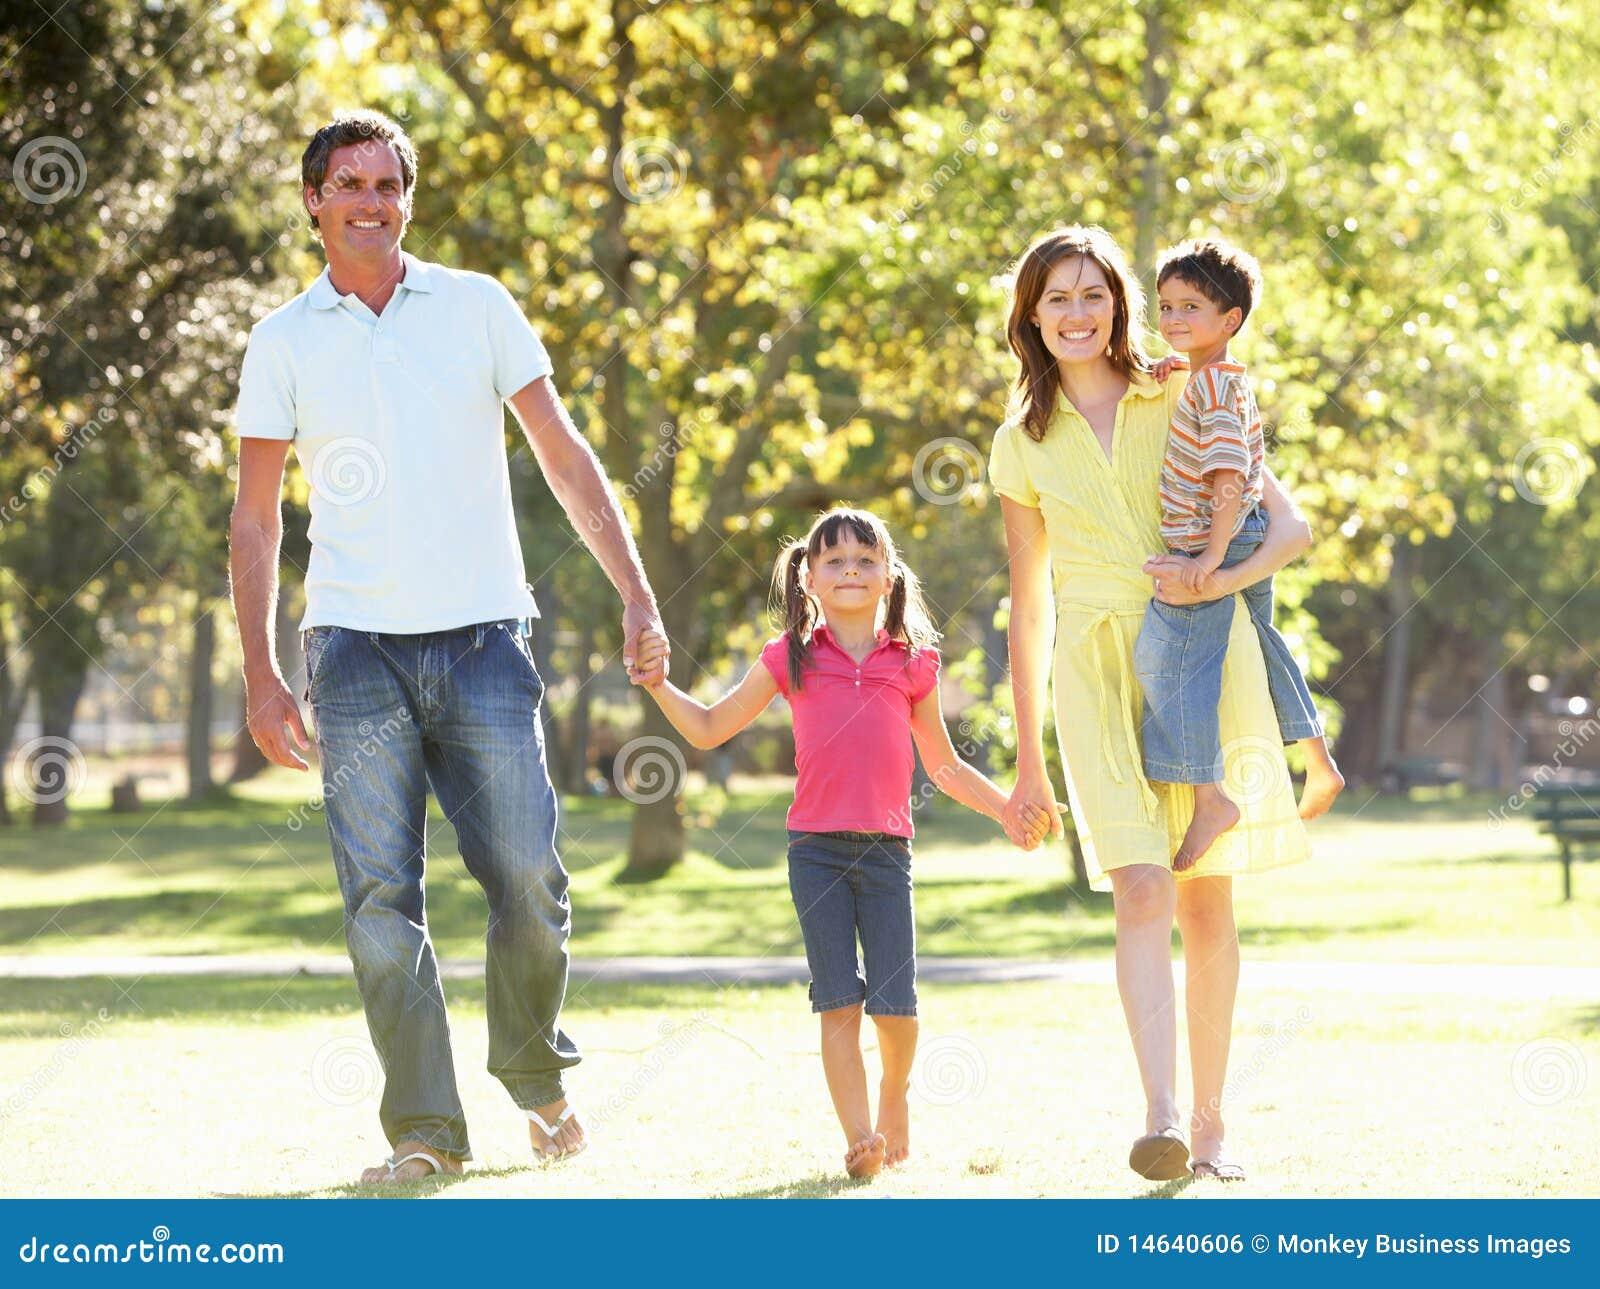 Family Enjoying Walk In Park